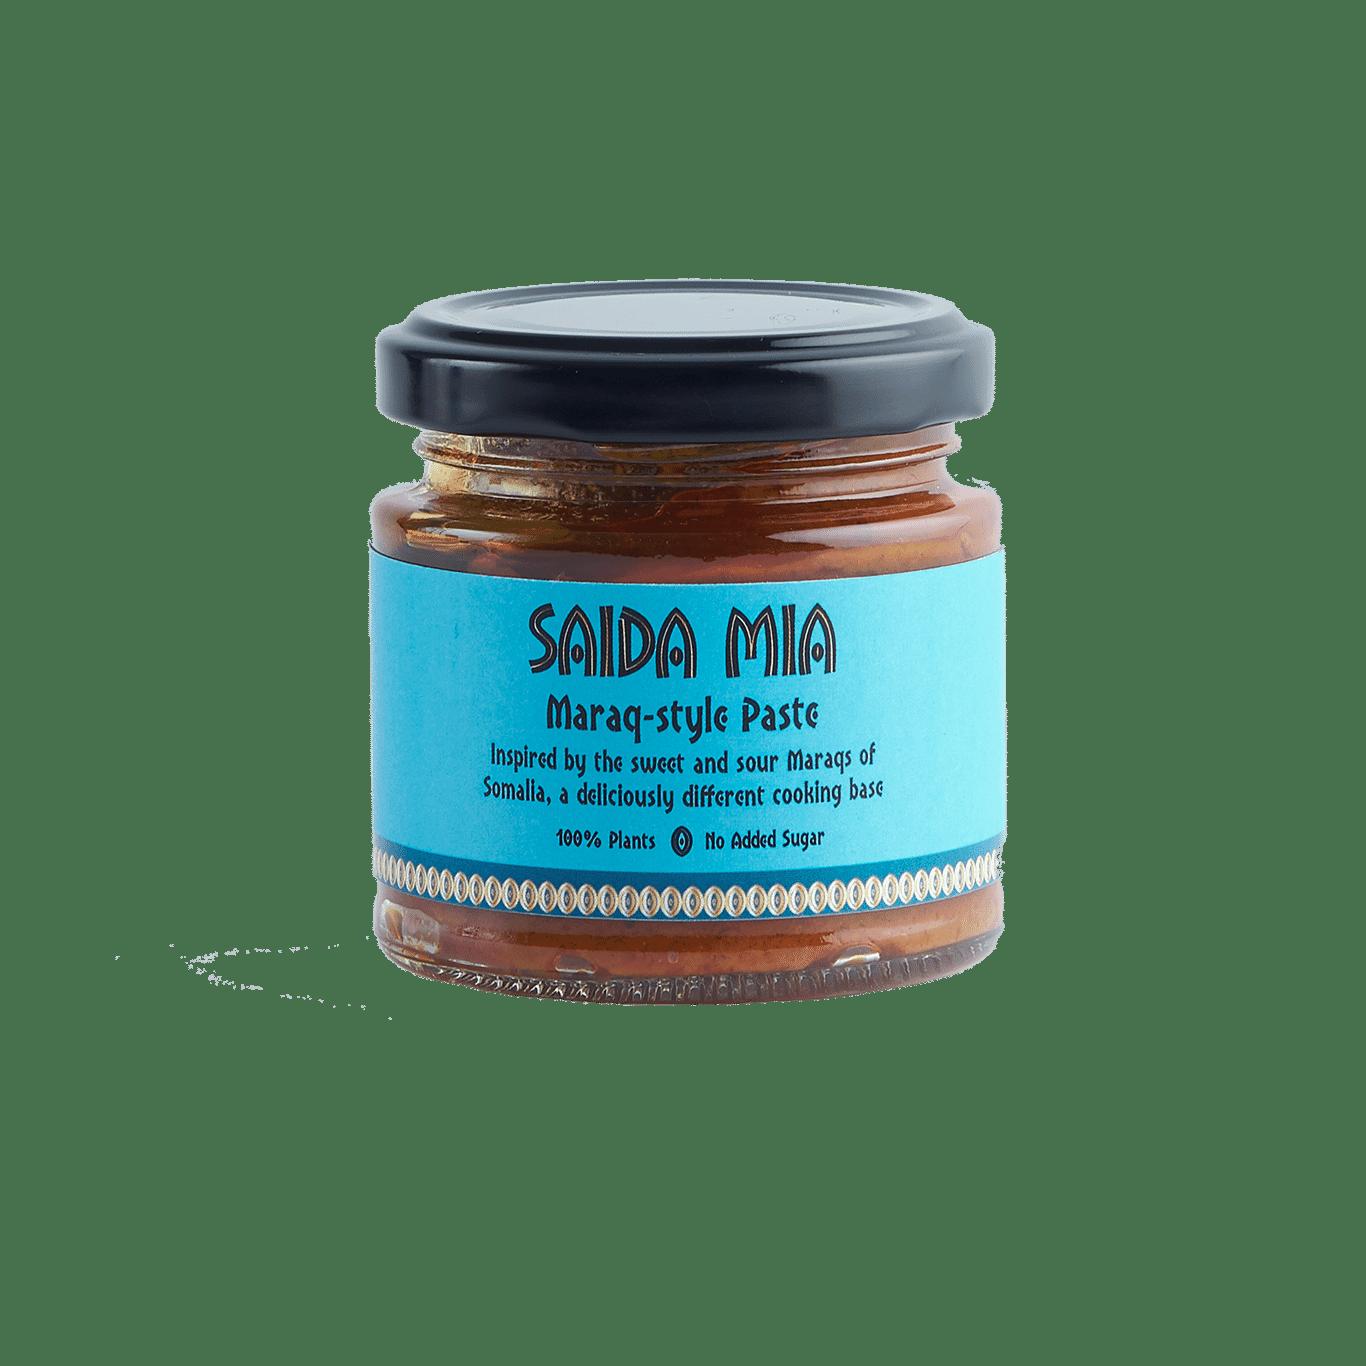 Saida Mia African Products Maraq Paste 2